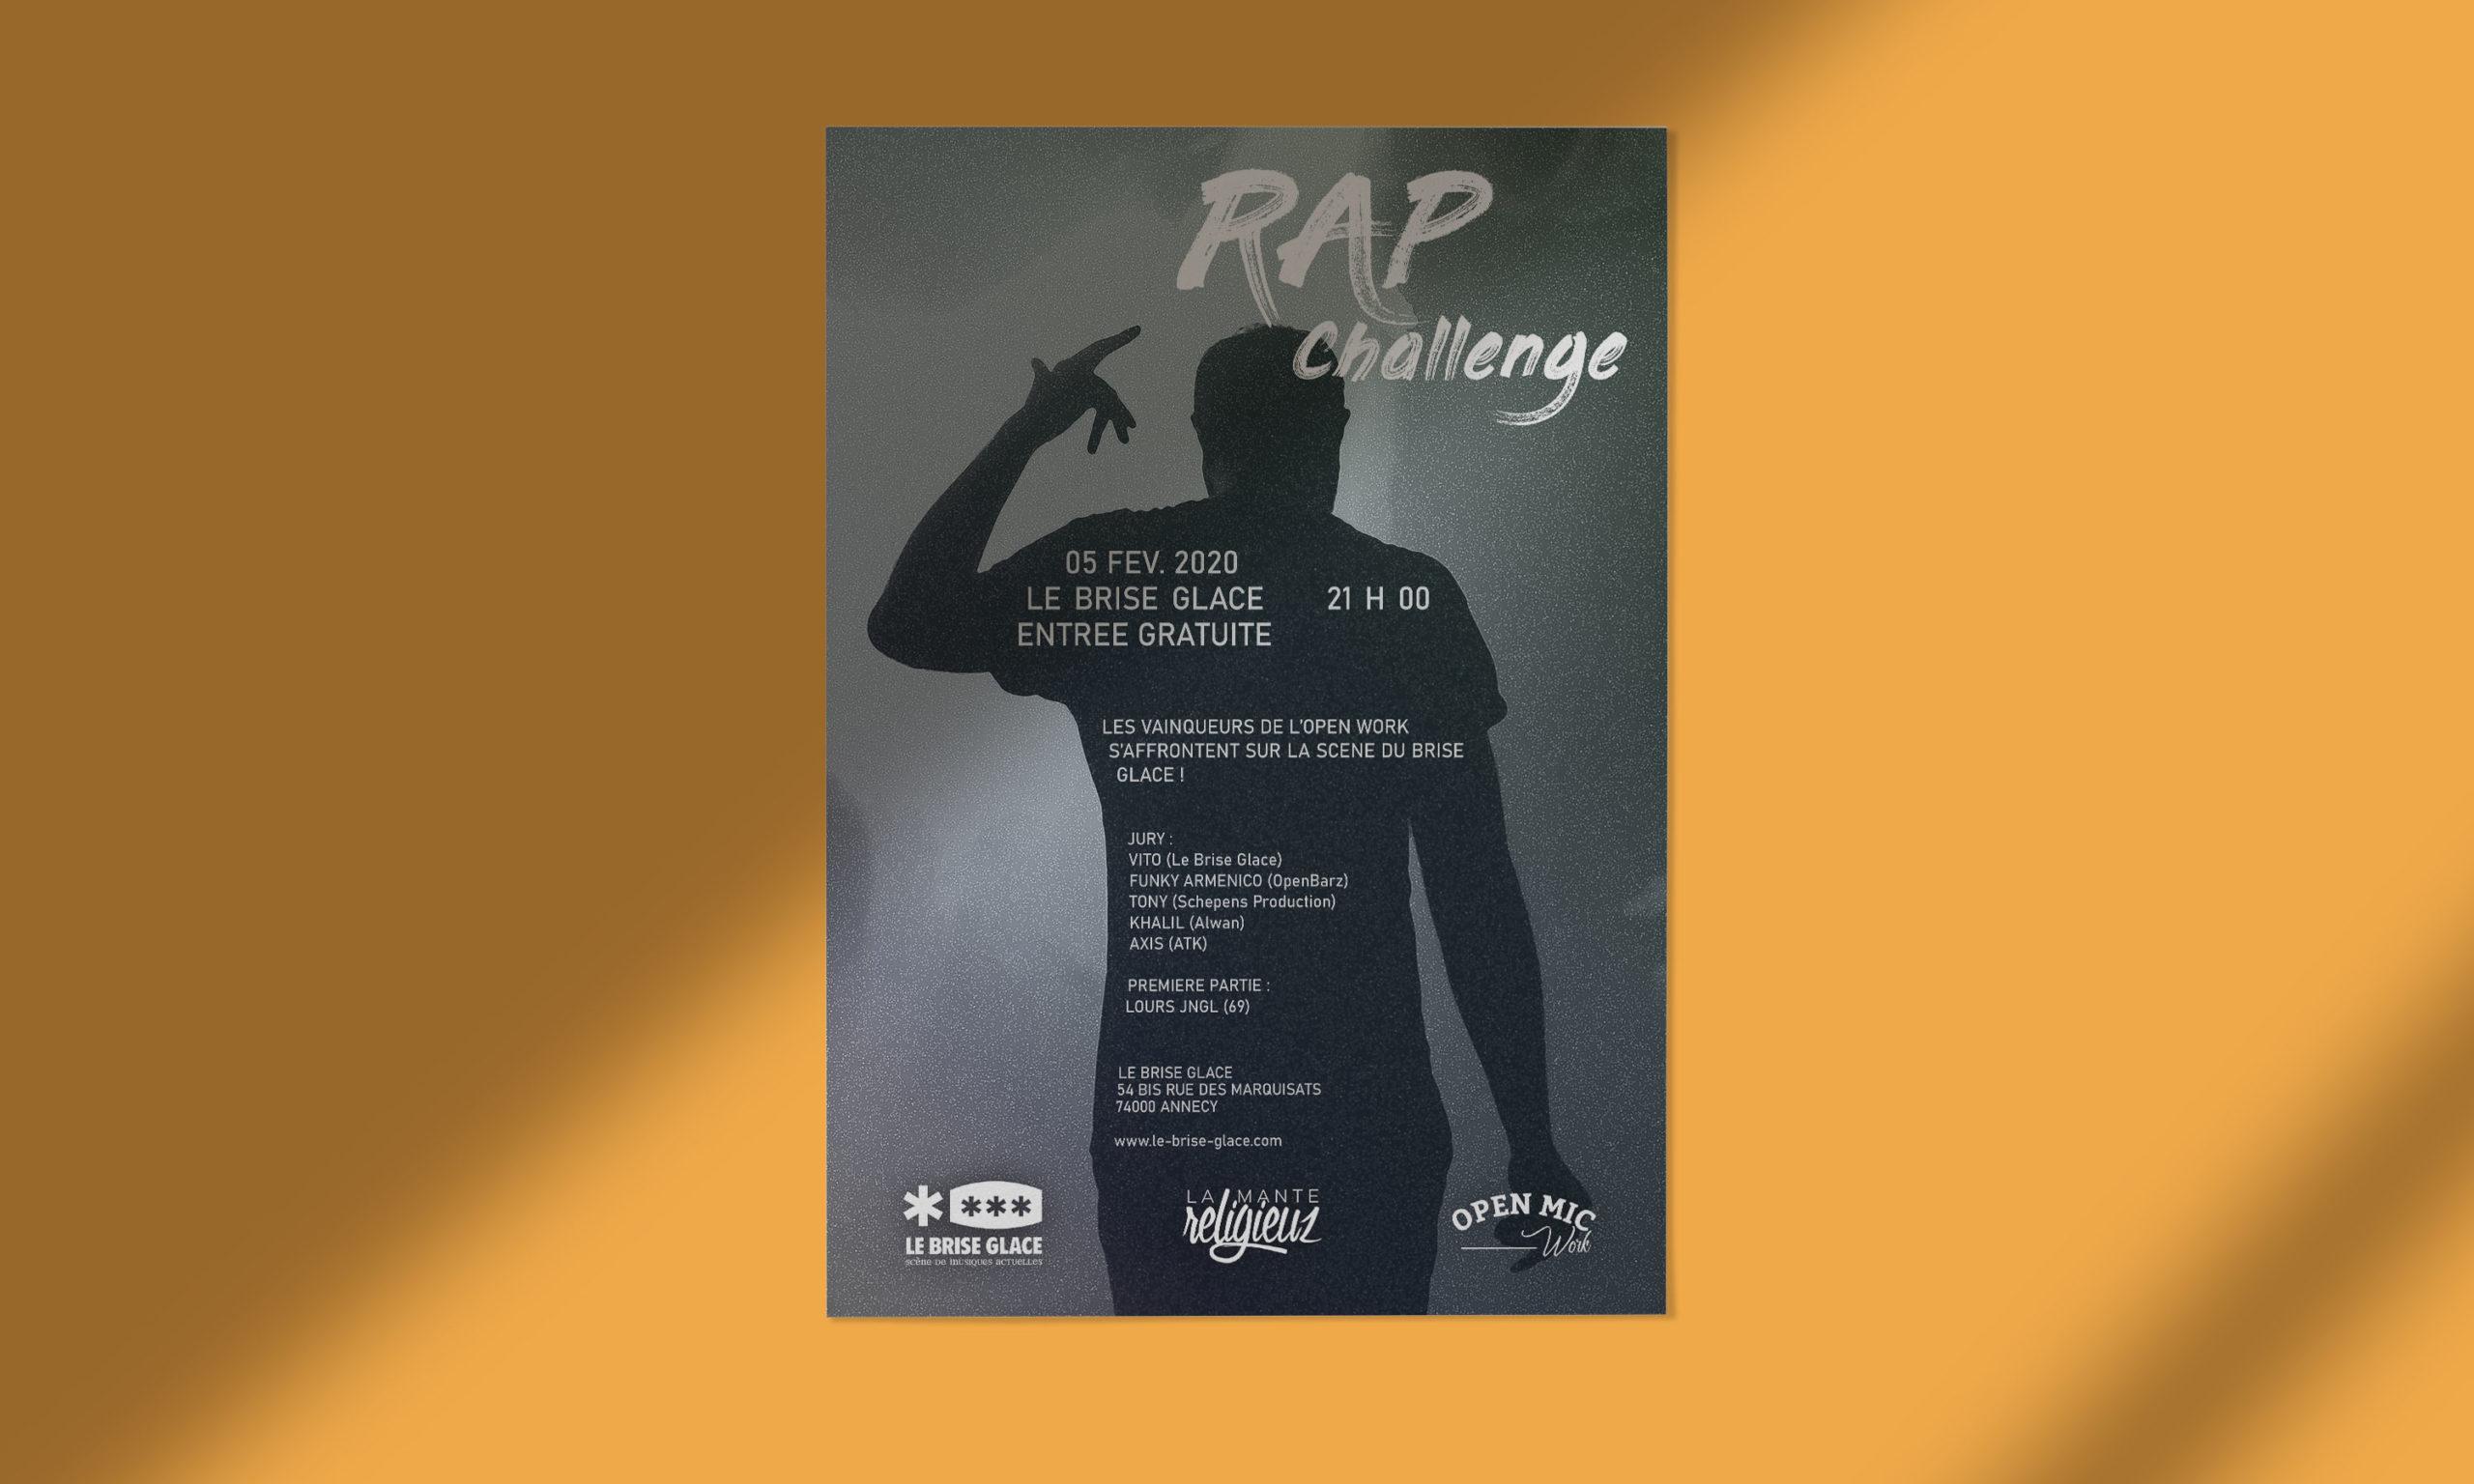 Affiche LaManteReligieuz, association rap et musique d'Annecy